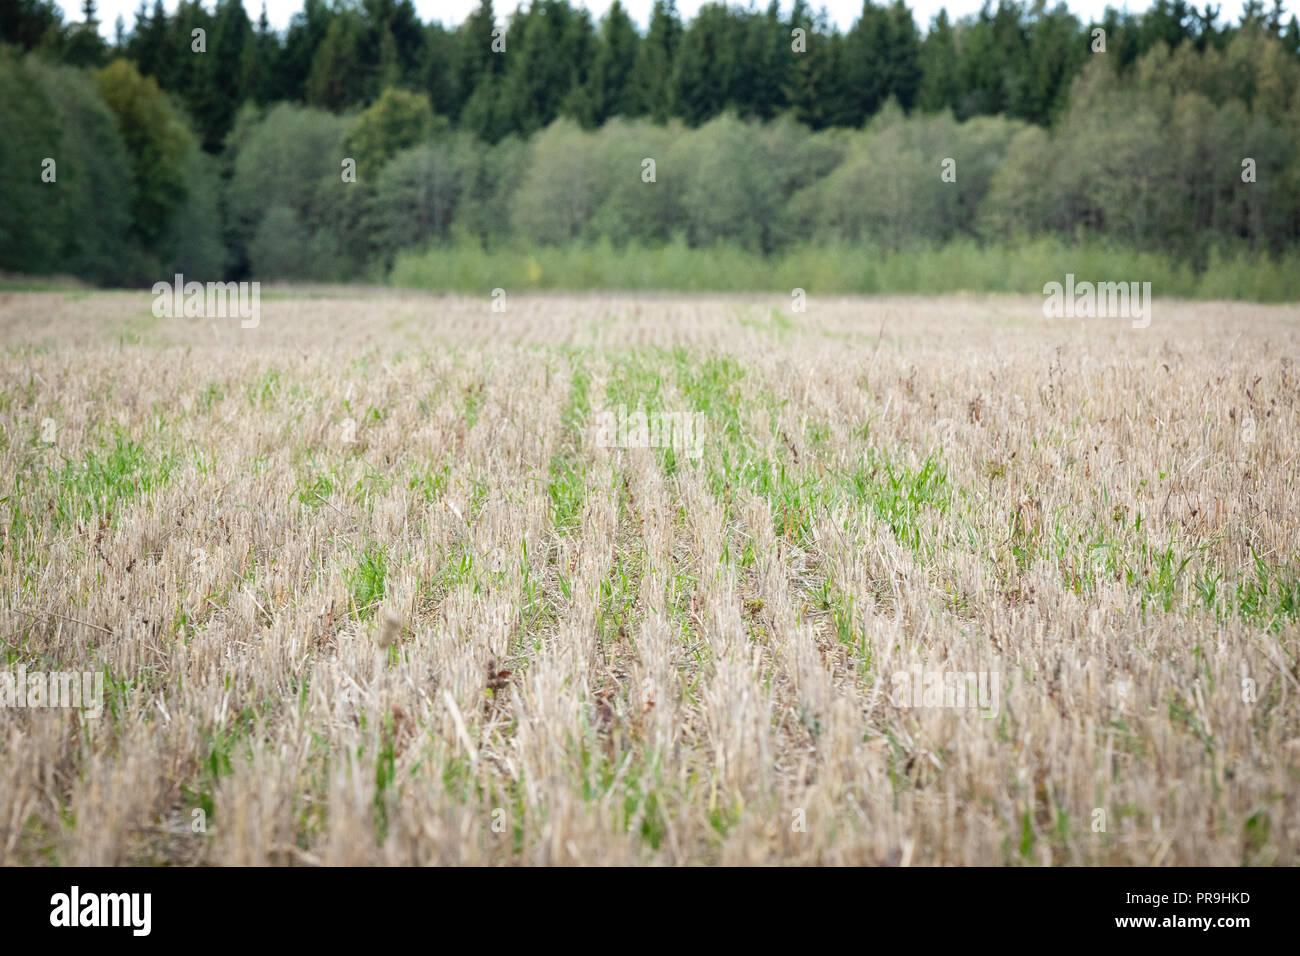 Lithuania Farm Farmer Agriculture Field Stock Photos